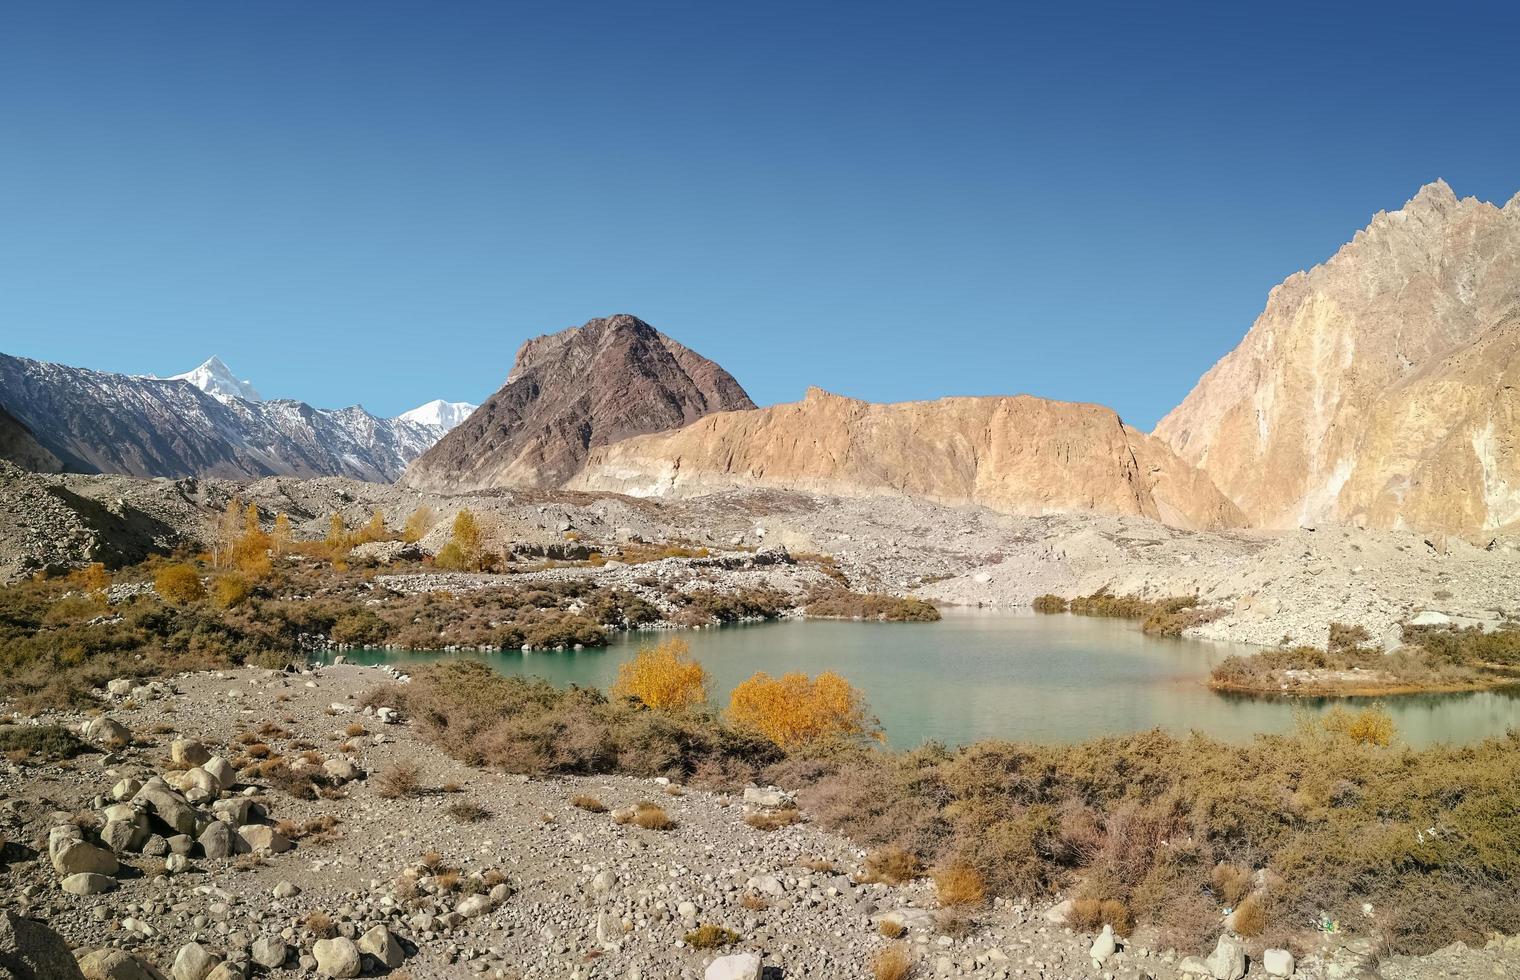 Vue du paysage du lac glaciaire au Pakistan photo